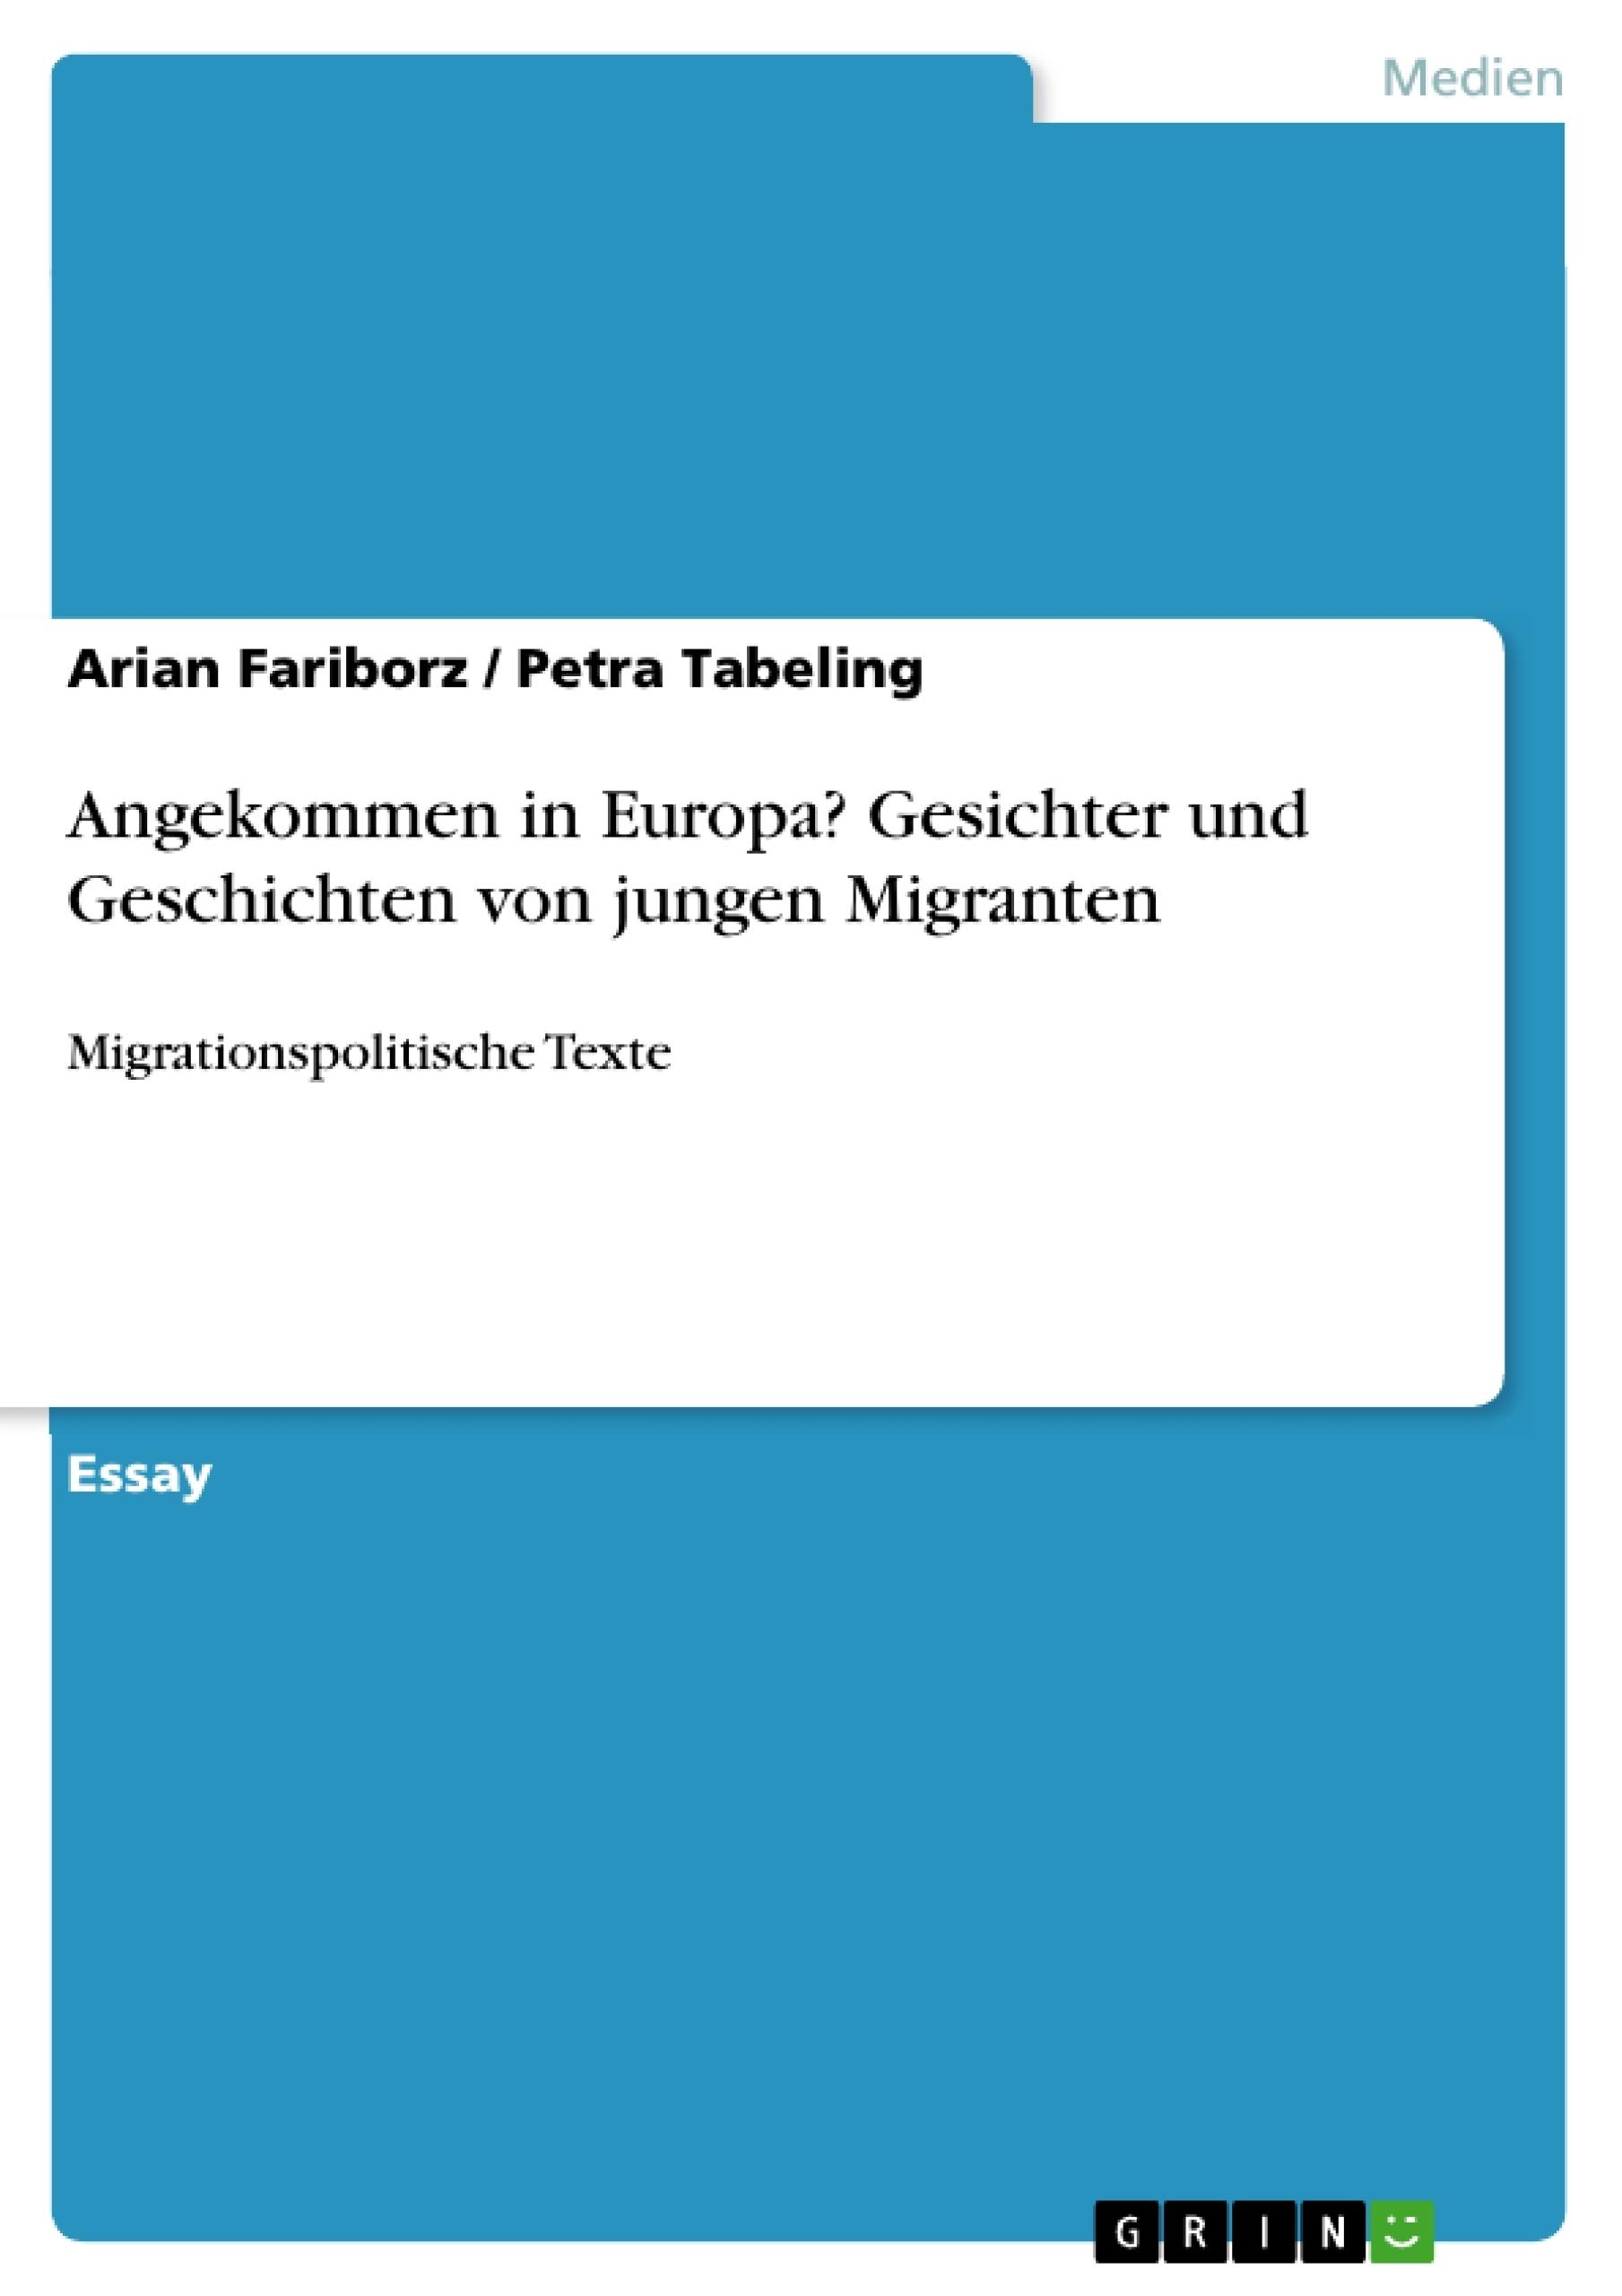 Titel: Angekommen in Europa? Gesichter und Geschichten von jungen Migranten